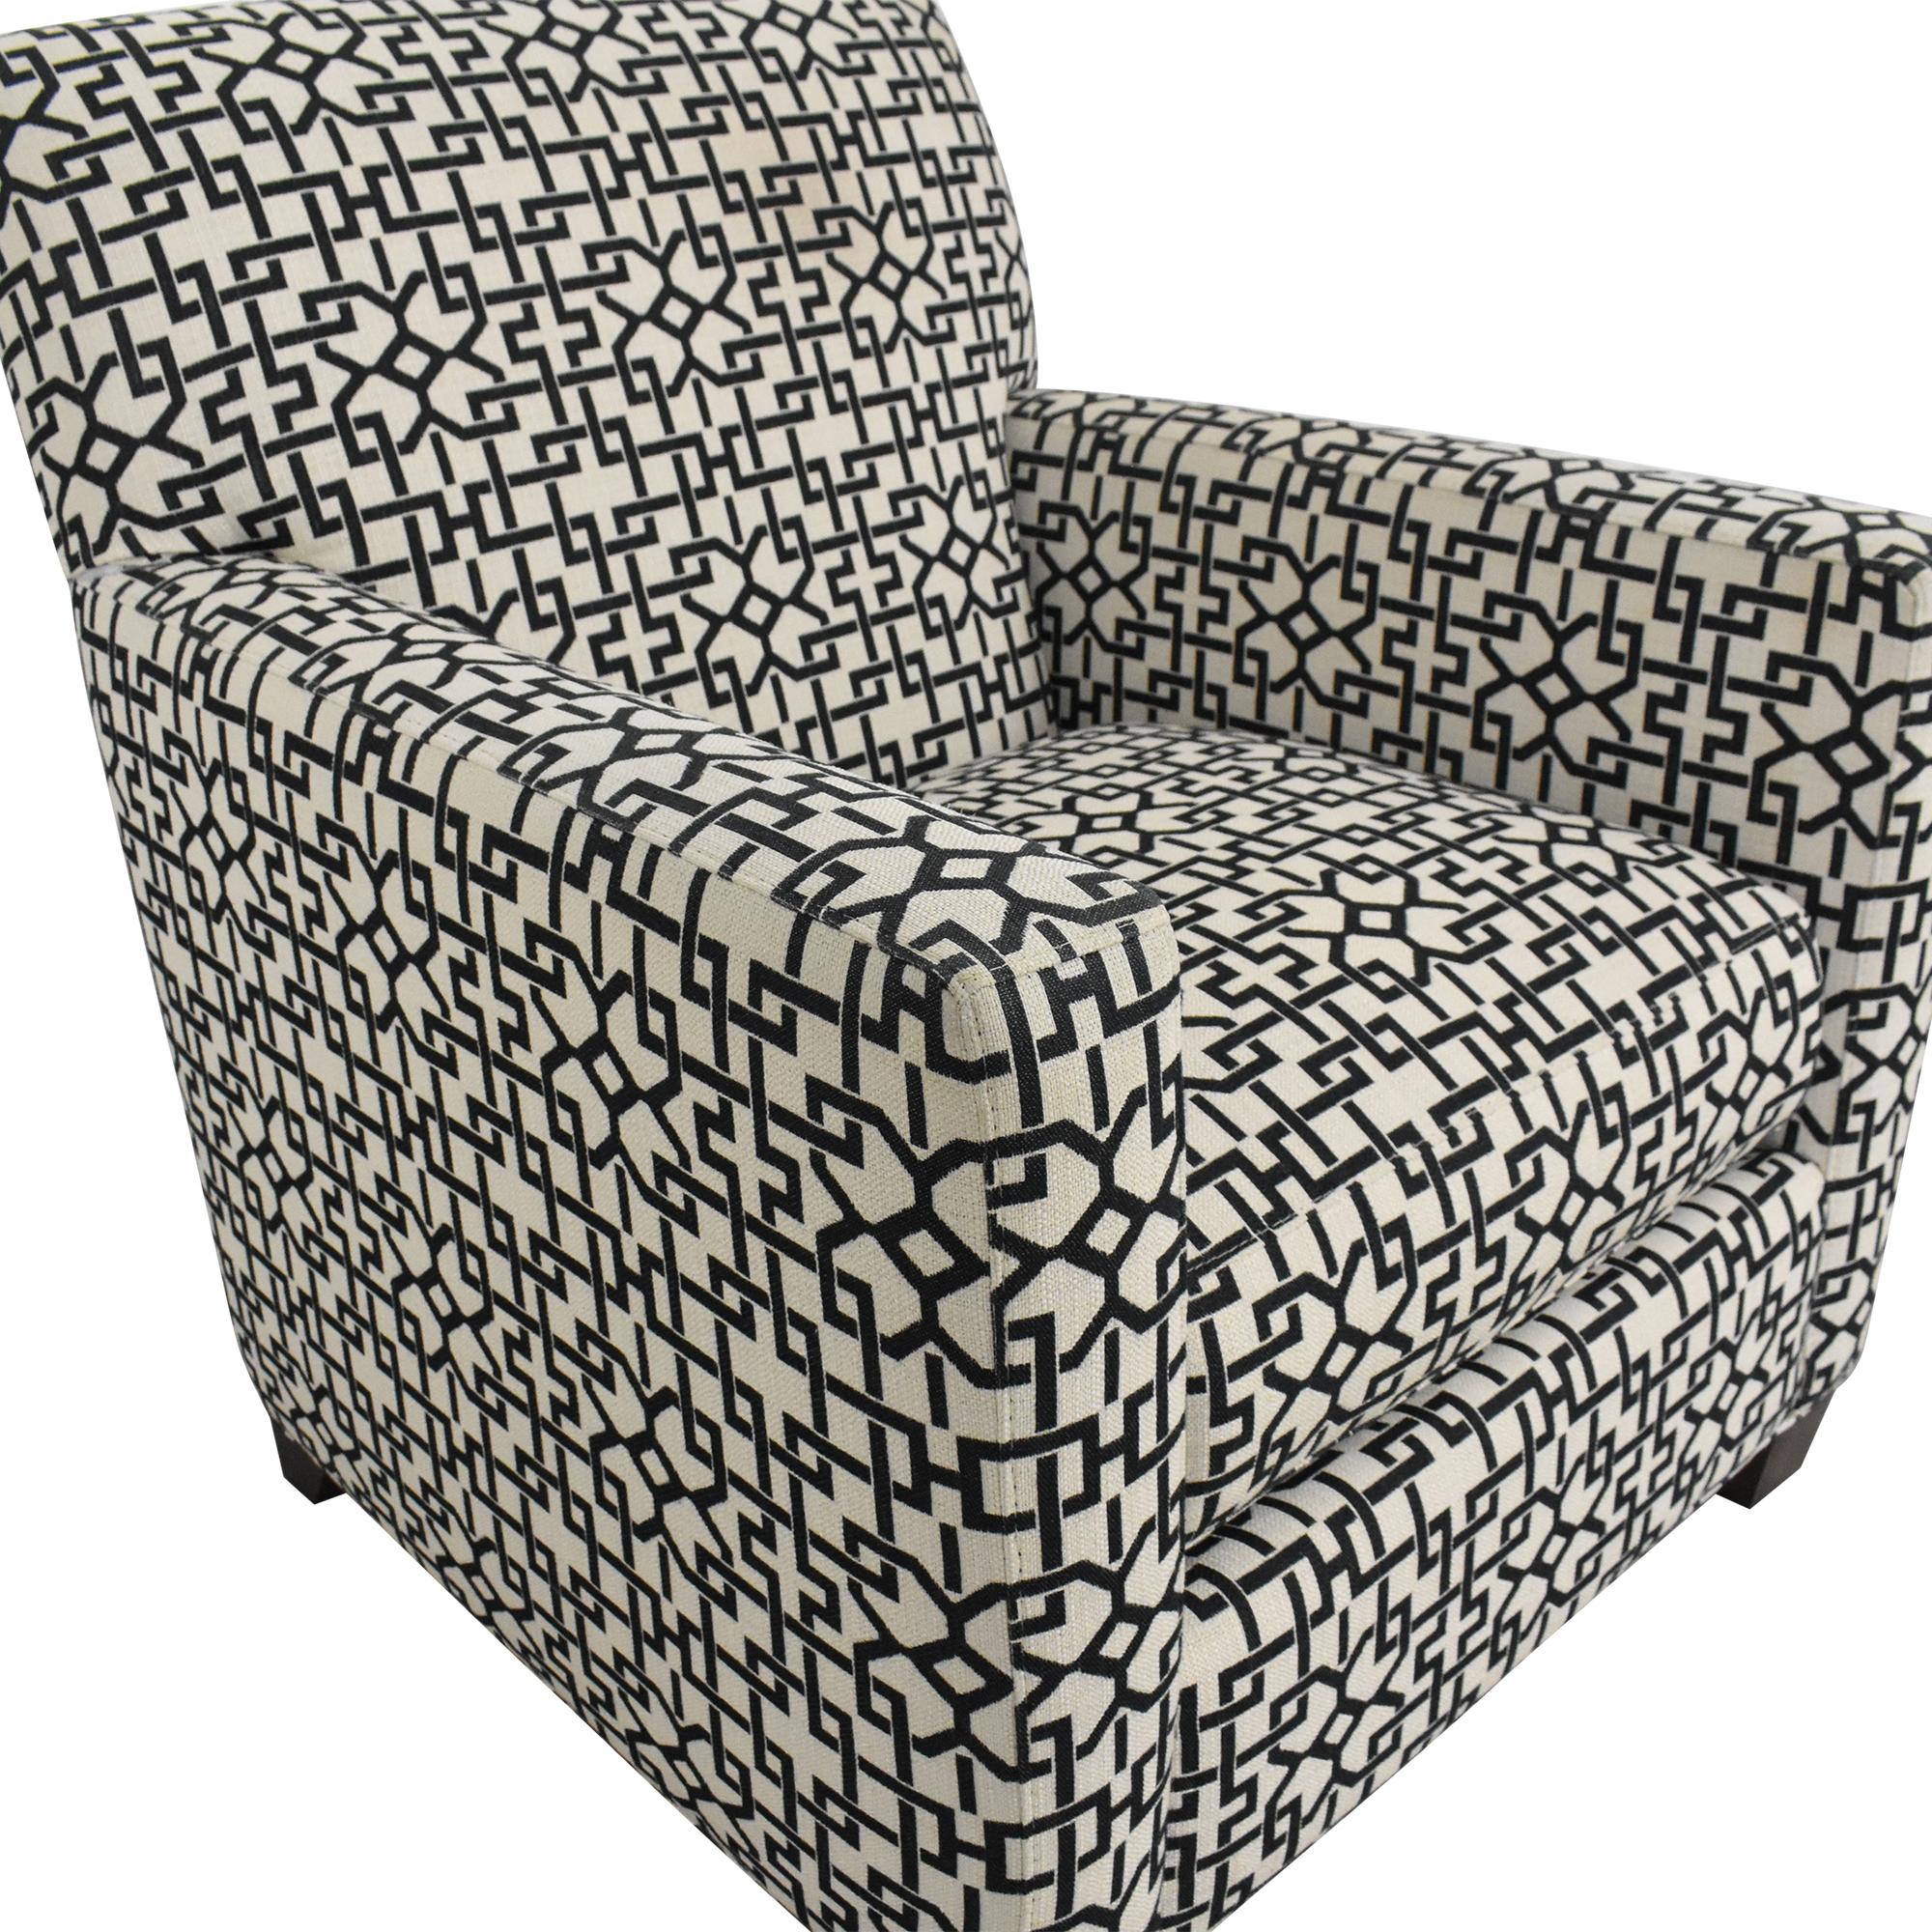 Crate & Barrel Crate & Barrel Geometric Club Chair discount